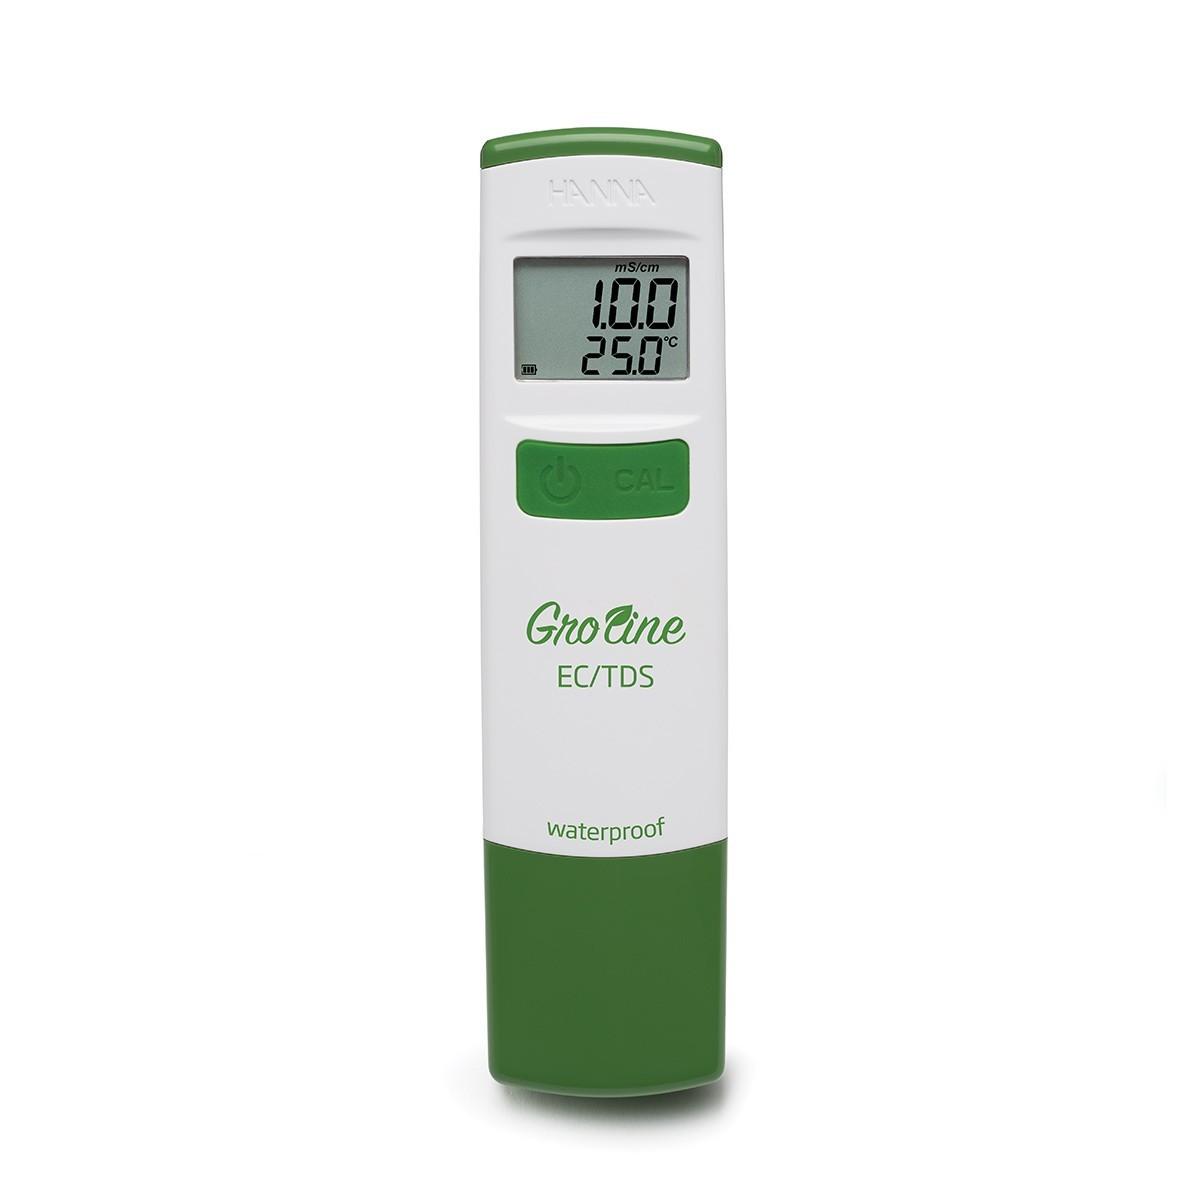 Bút đo EC/TDS/Nhiệt độ (ppm) chống thấm nước trong thủy canh HI98318 Hanna